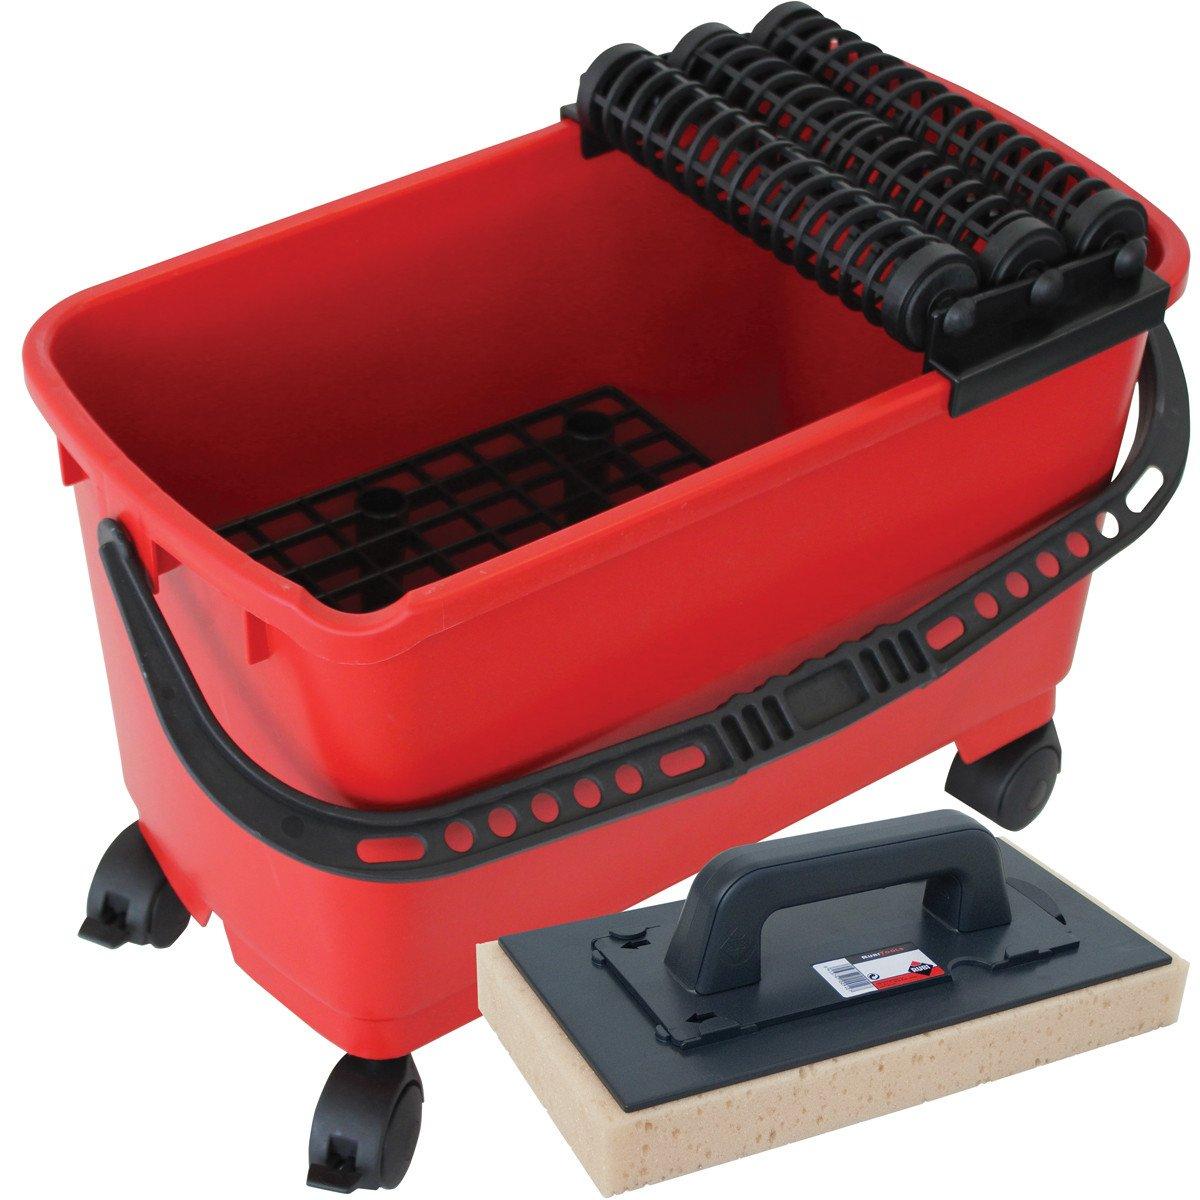 Rubi Tools Rubiclean Triple Wash Bucket Includes 1 Interchangeable Sponge With Handle